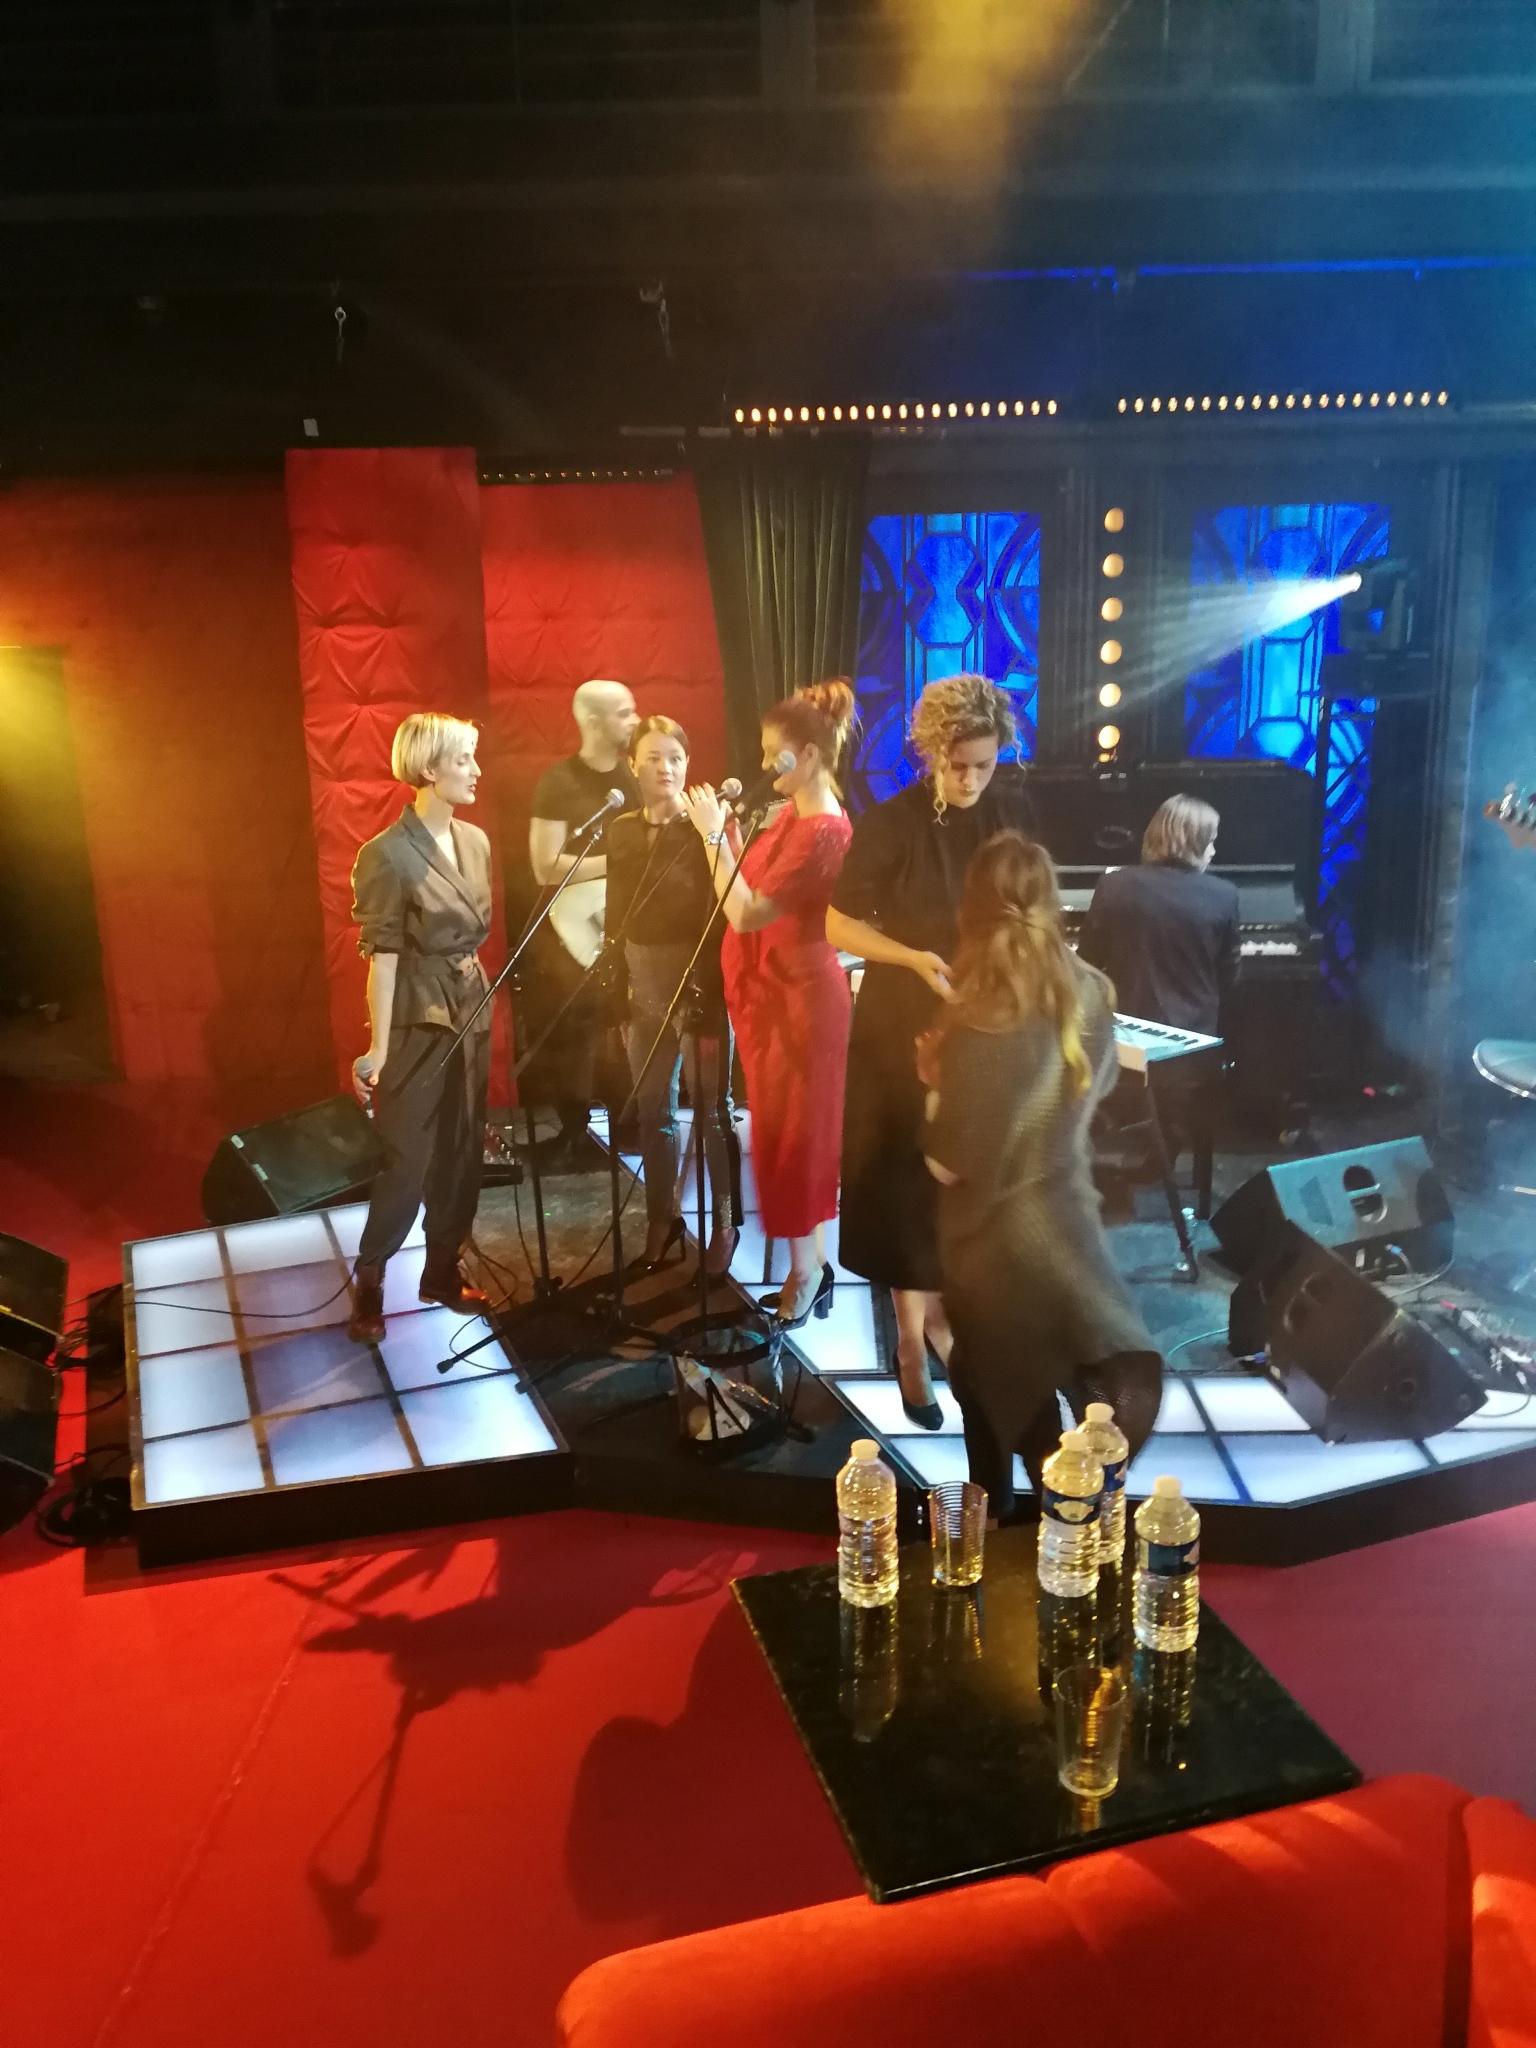 Barbora Poláková při zvukové zkoušce, vokalistky (zprava) Kateřina Sedláková, Kateřina Bohatová, Marta Kloučková — SJK 3. 10. 2018